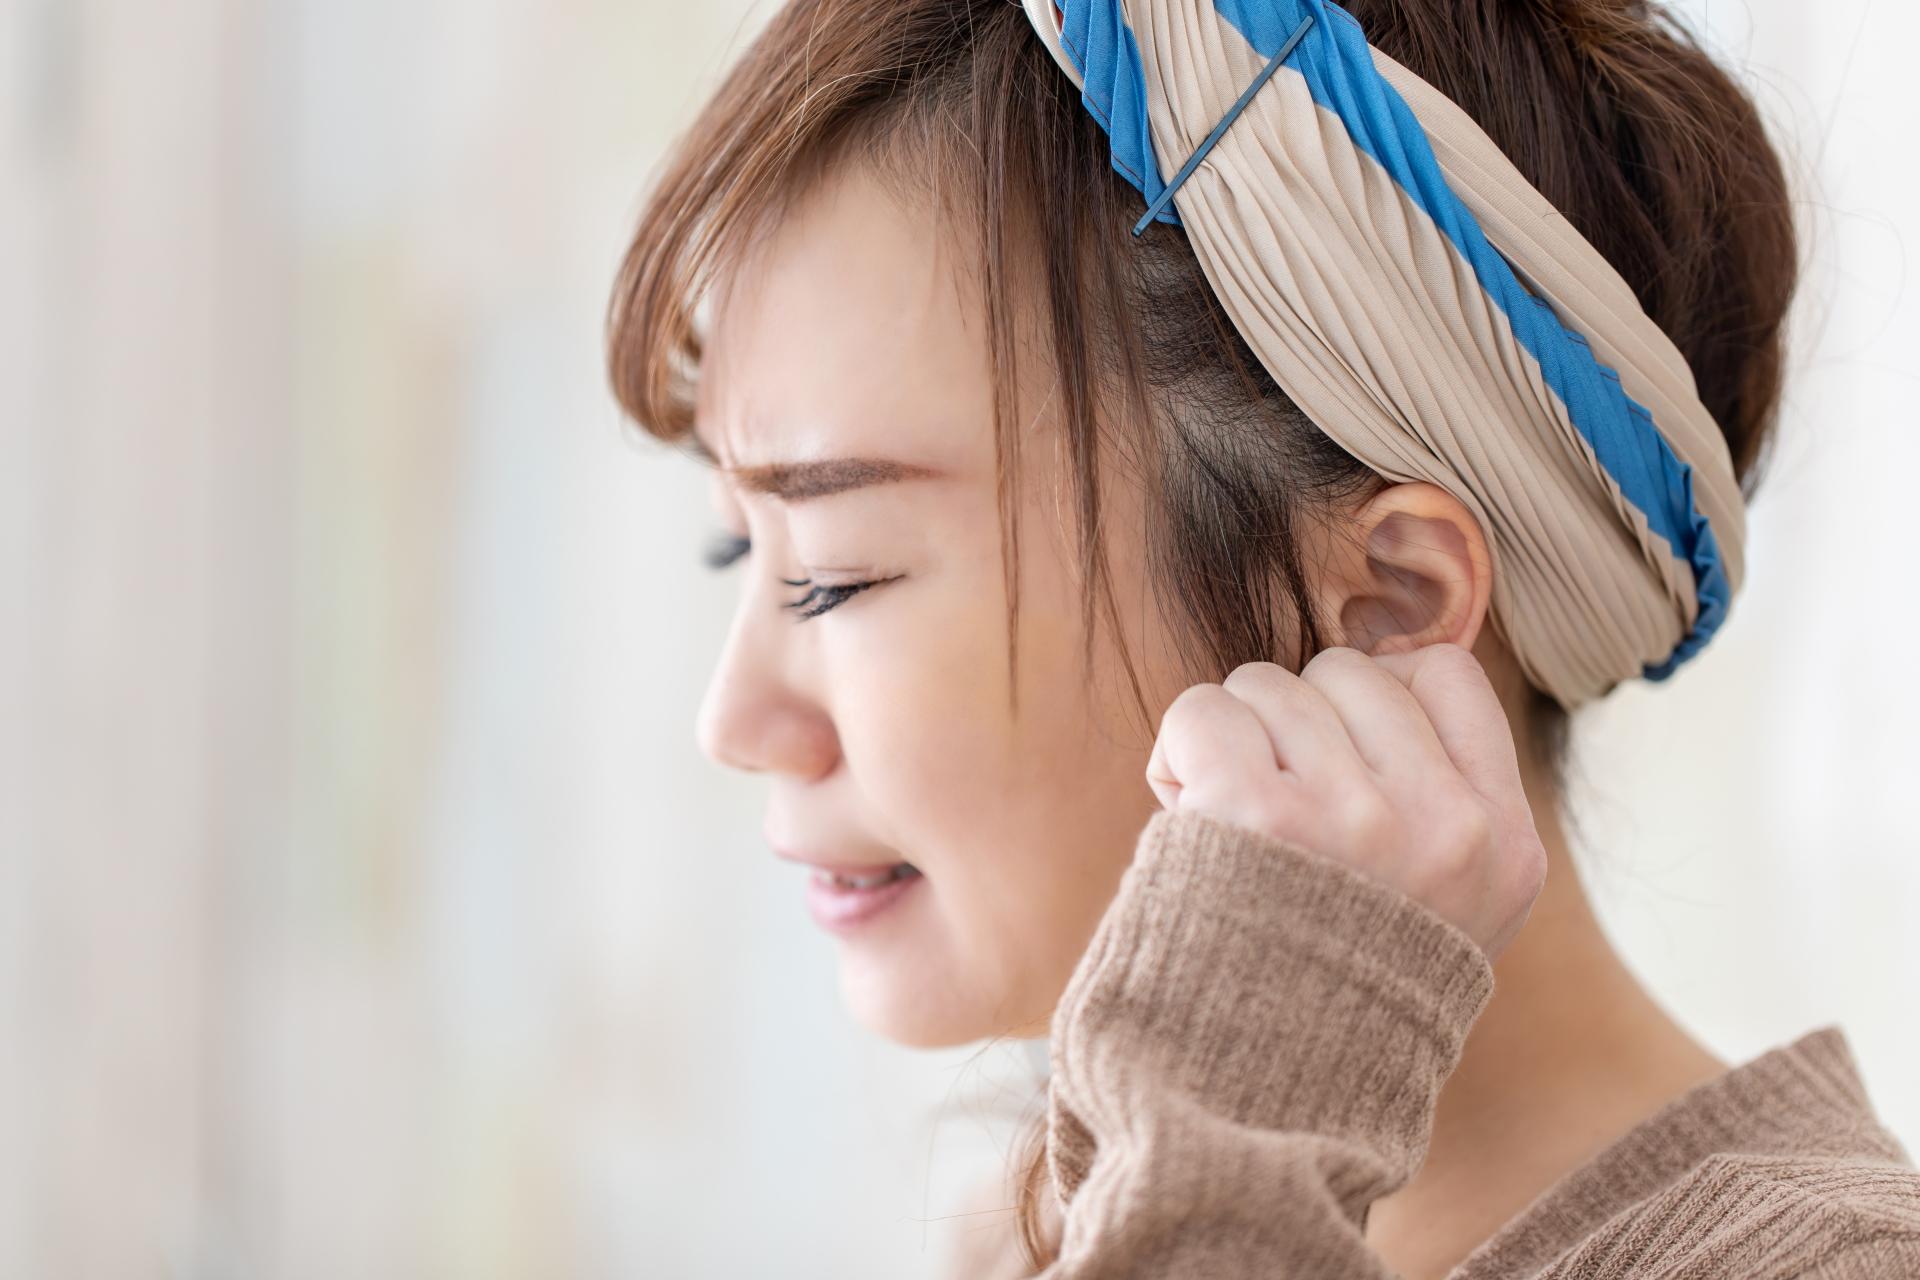 耳鳴りは加齢のせいだけではない?